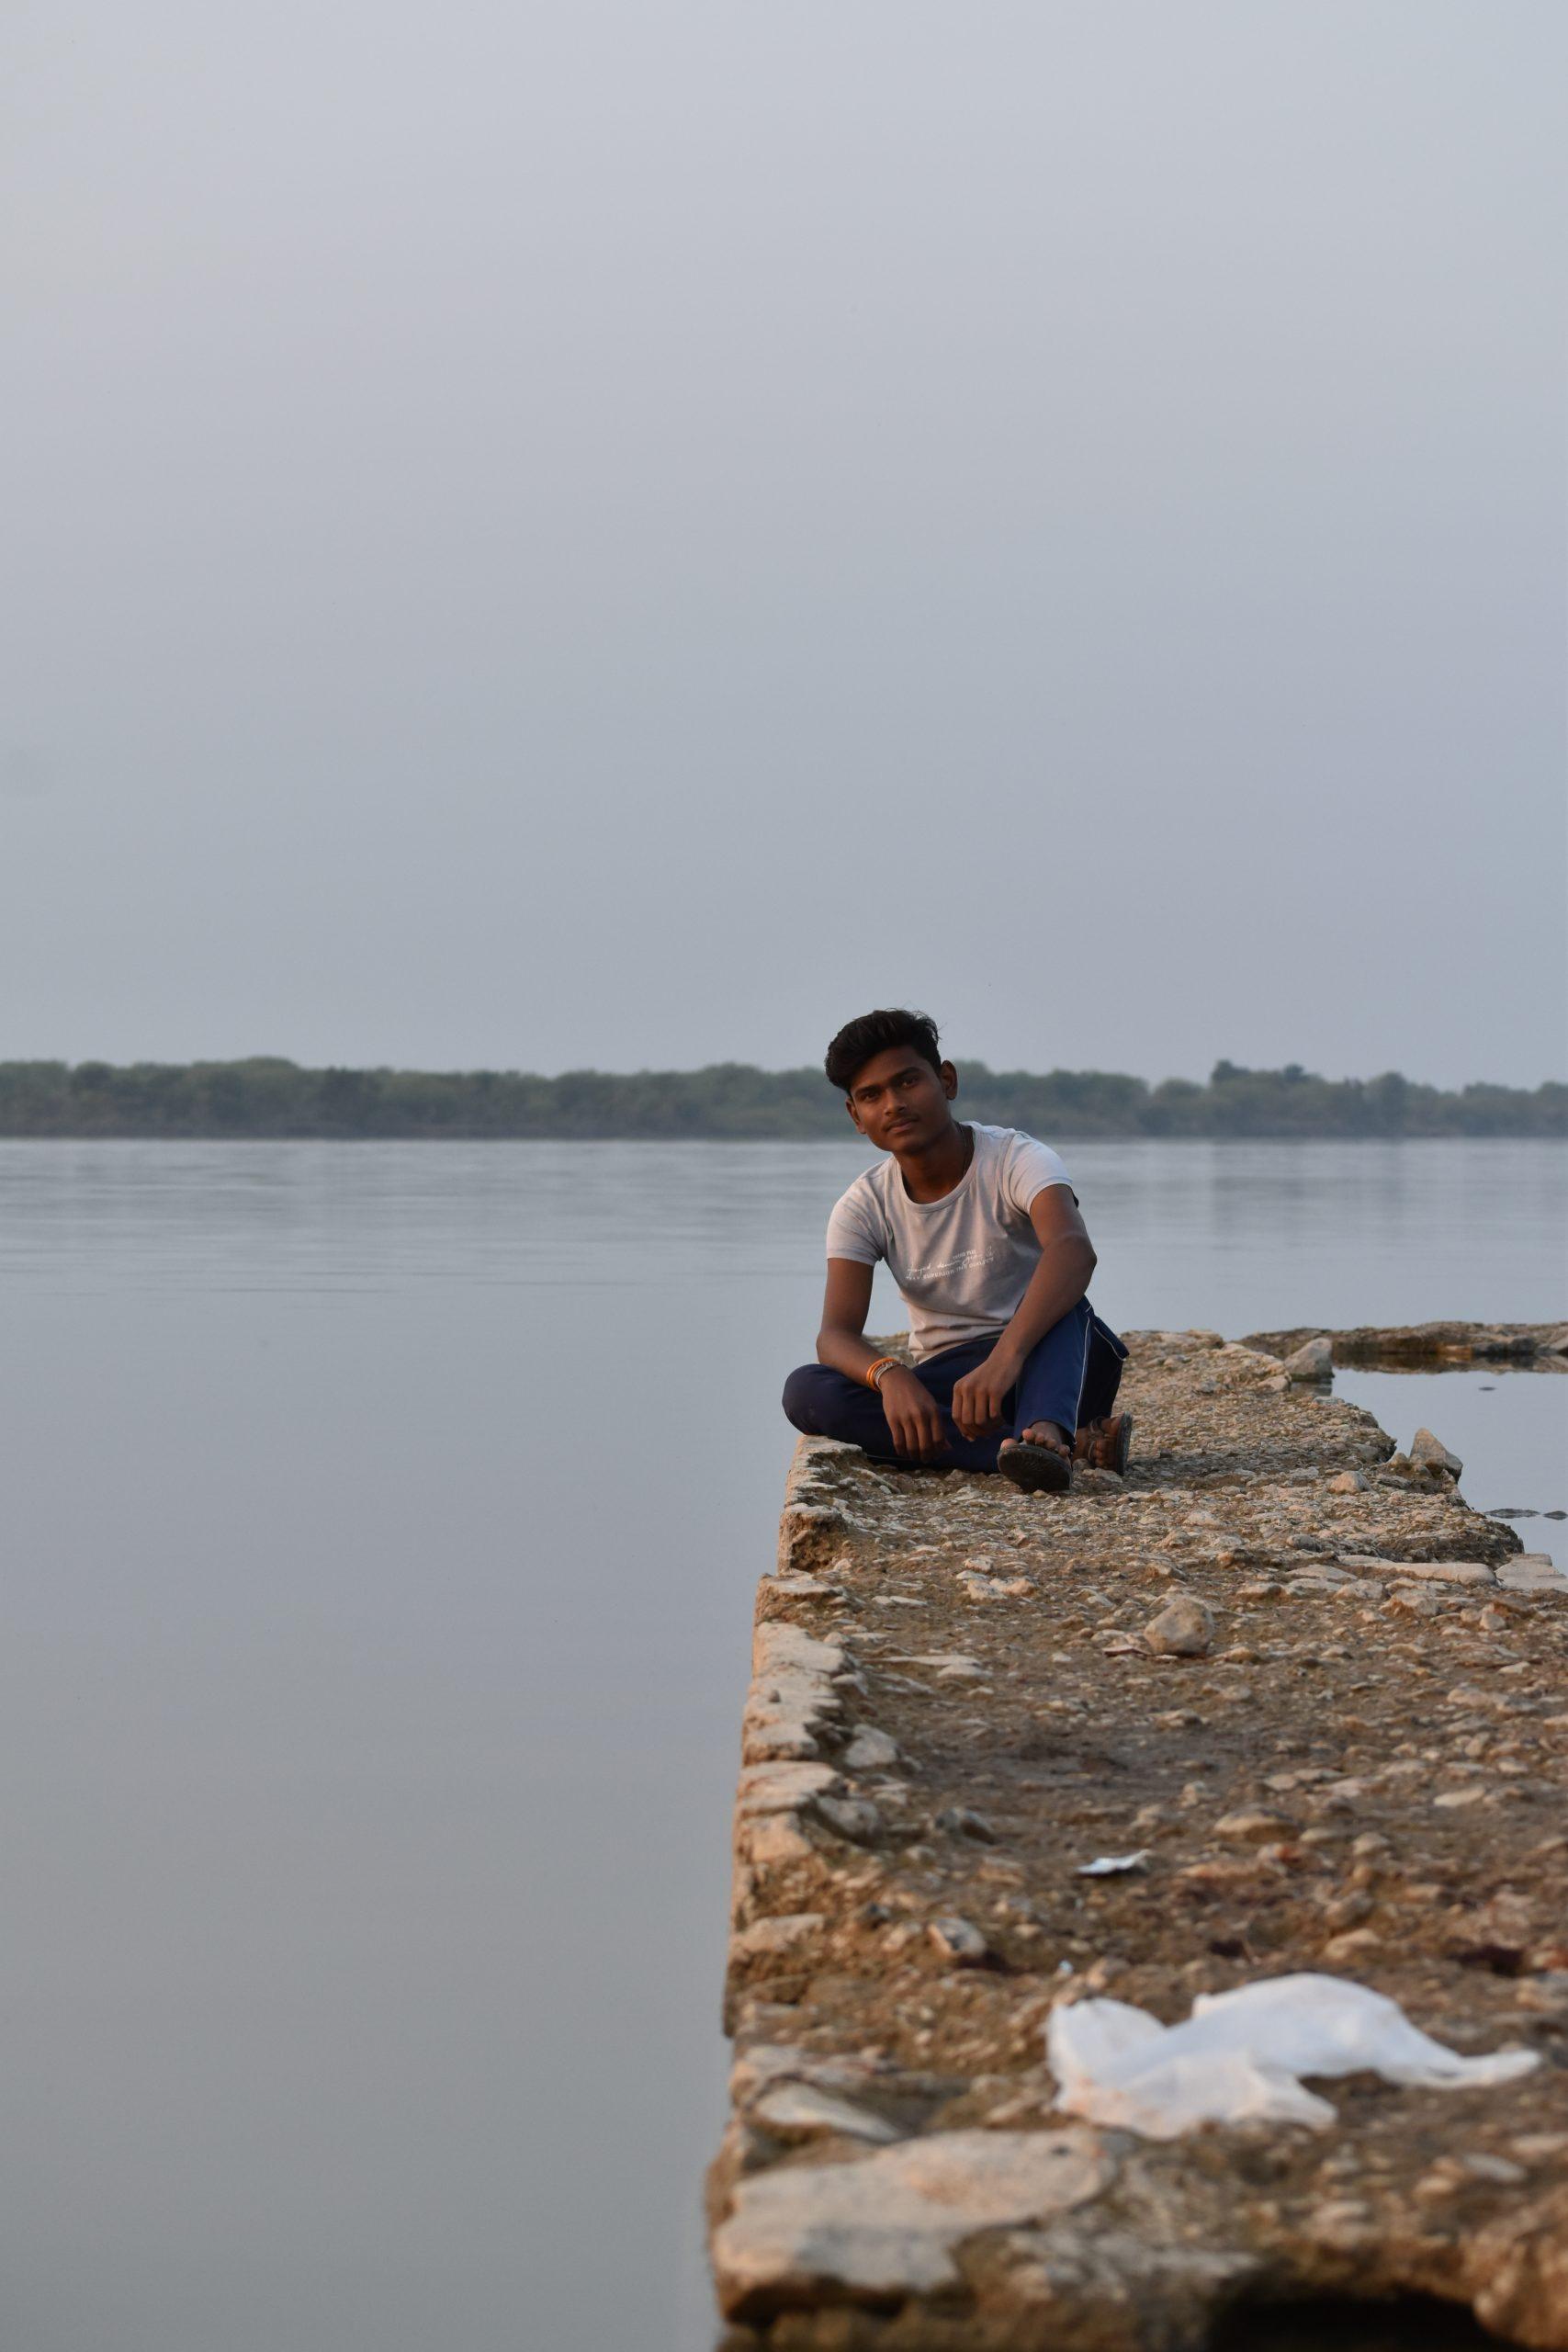 A boy at a river